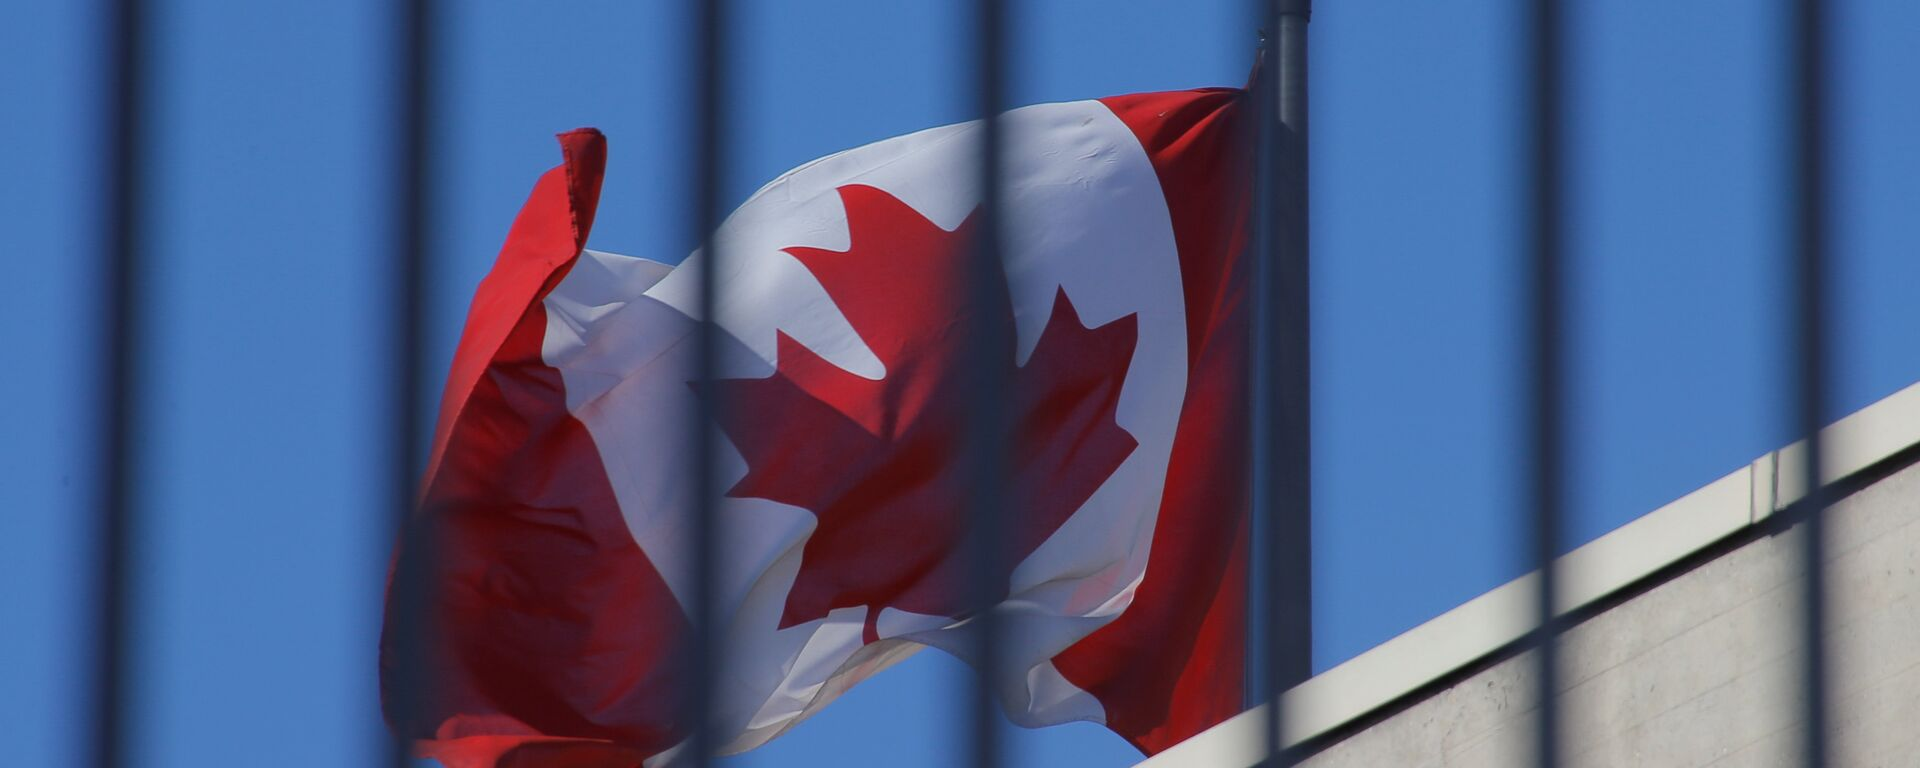 Bandera de Canadá - Sputnik Mundo, 1920, 22.01.2019